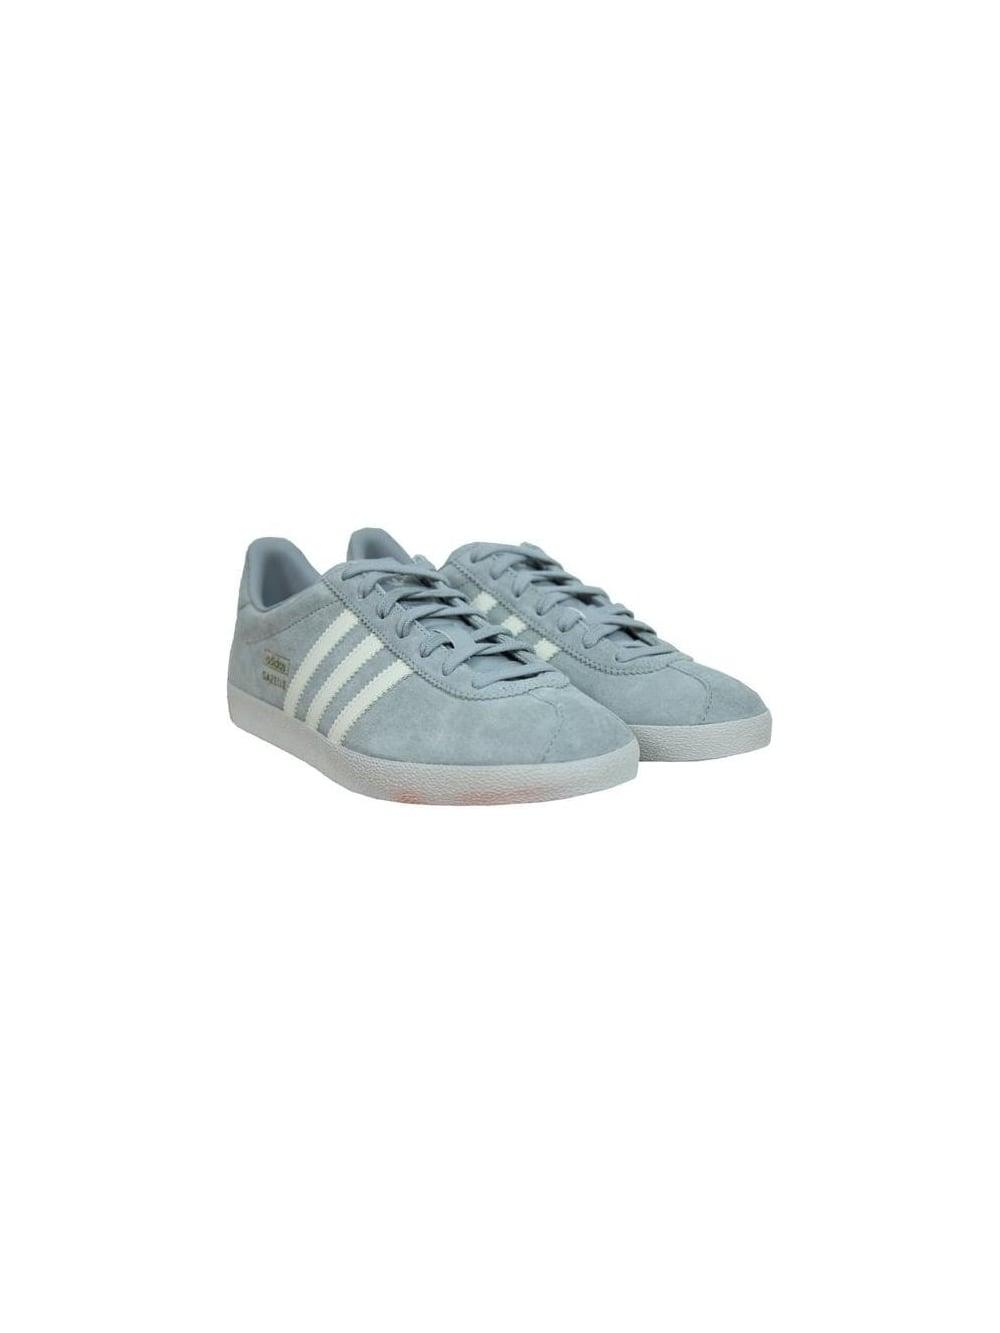 Tengo una clase de ingles barbilla Fuente  Adidas Gazelle OG in Grey/White - Northern Threads